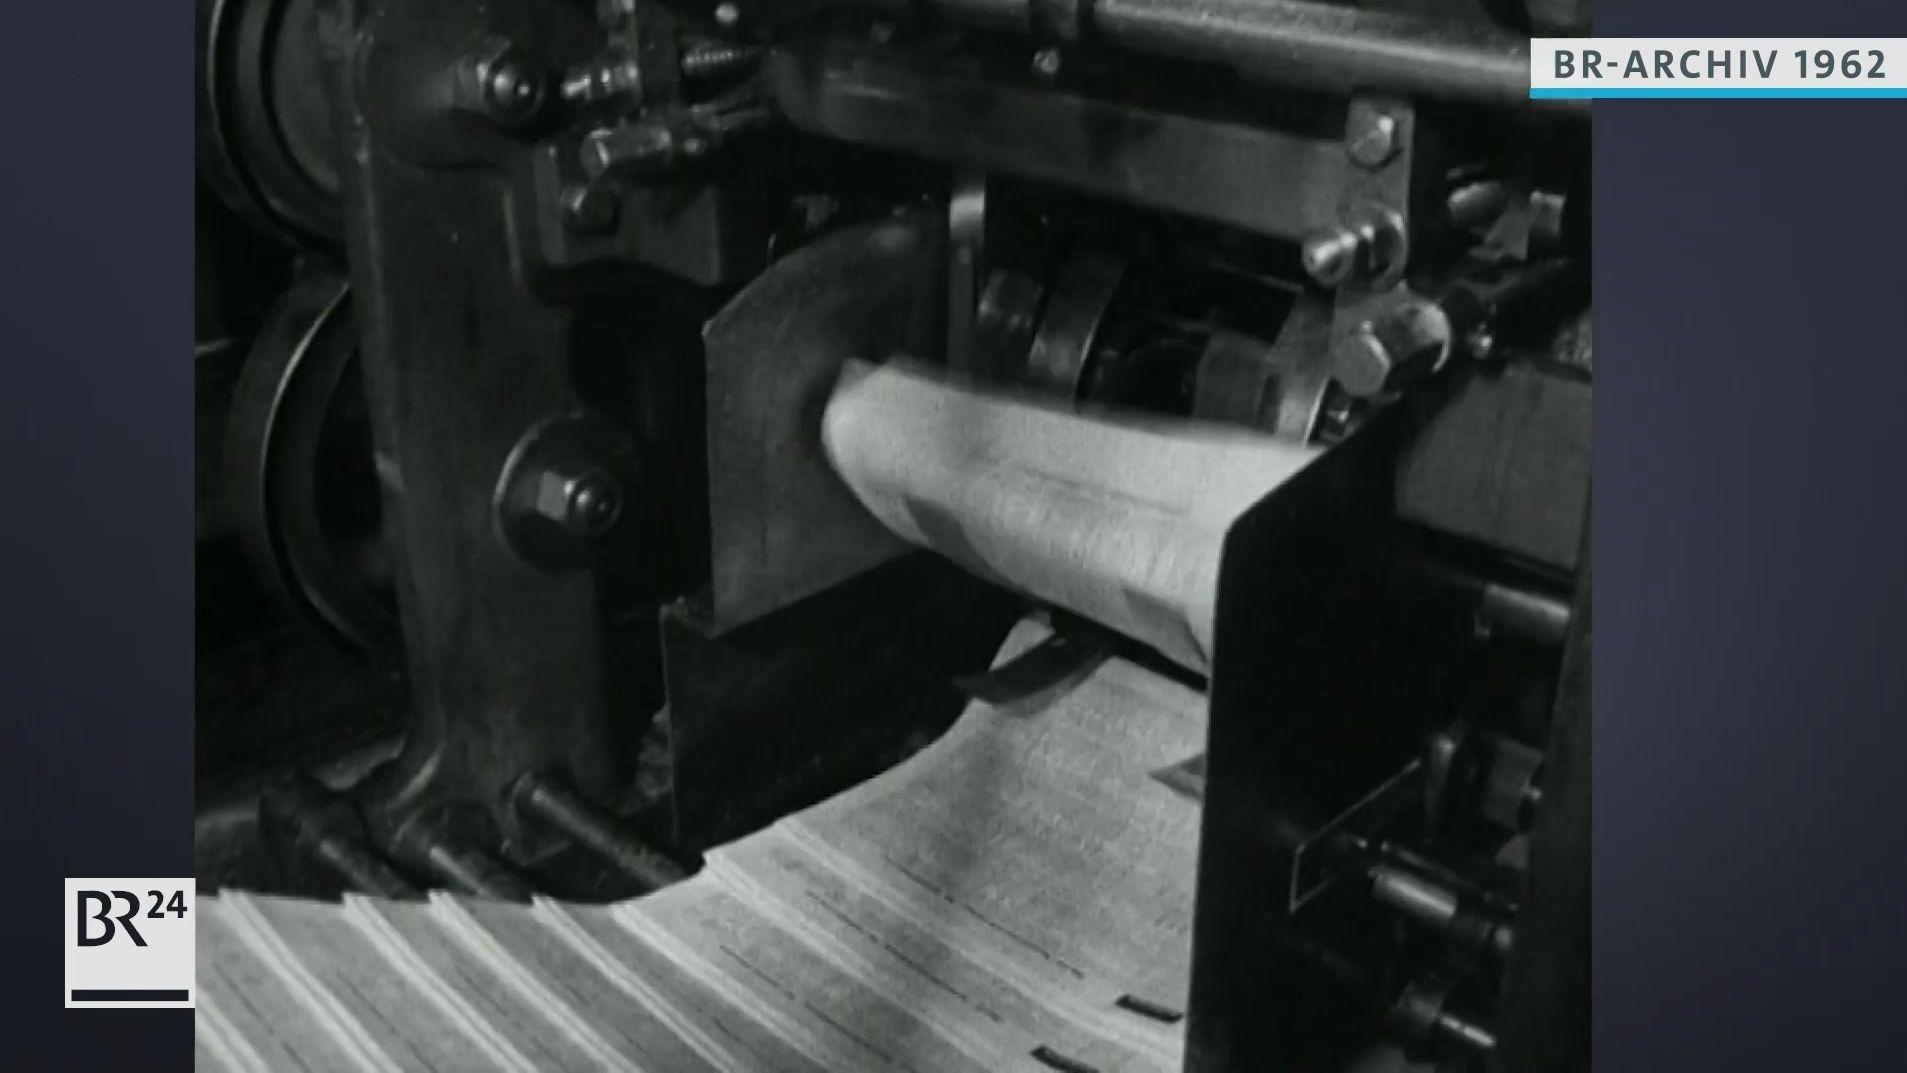 Rotationsmaschine in einer Druckerei